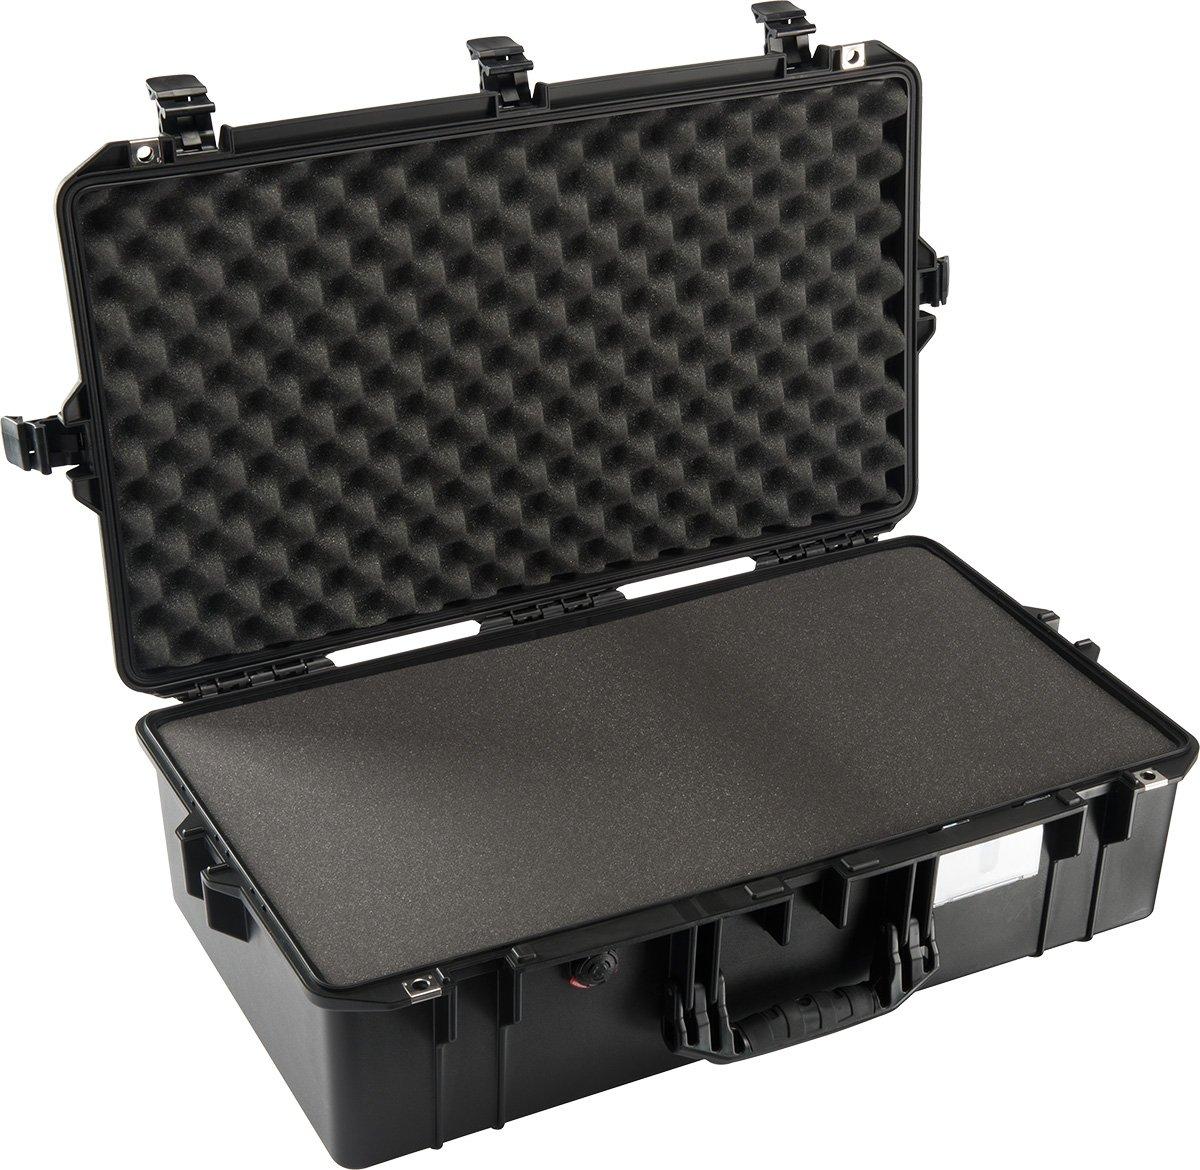 Air Case with Interior Foam, Black